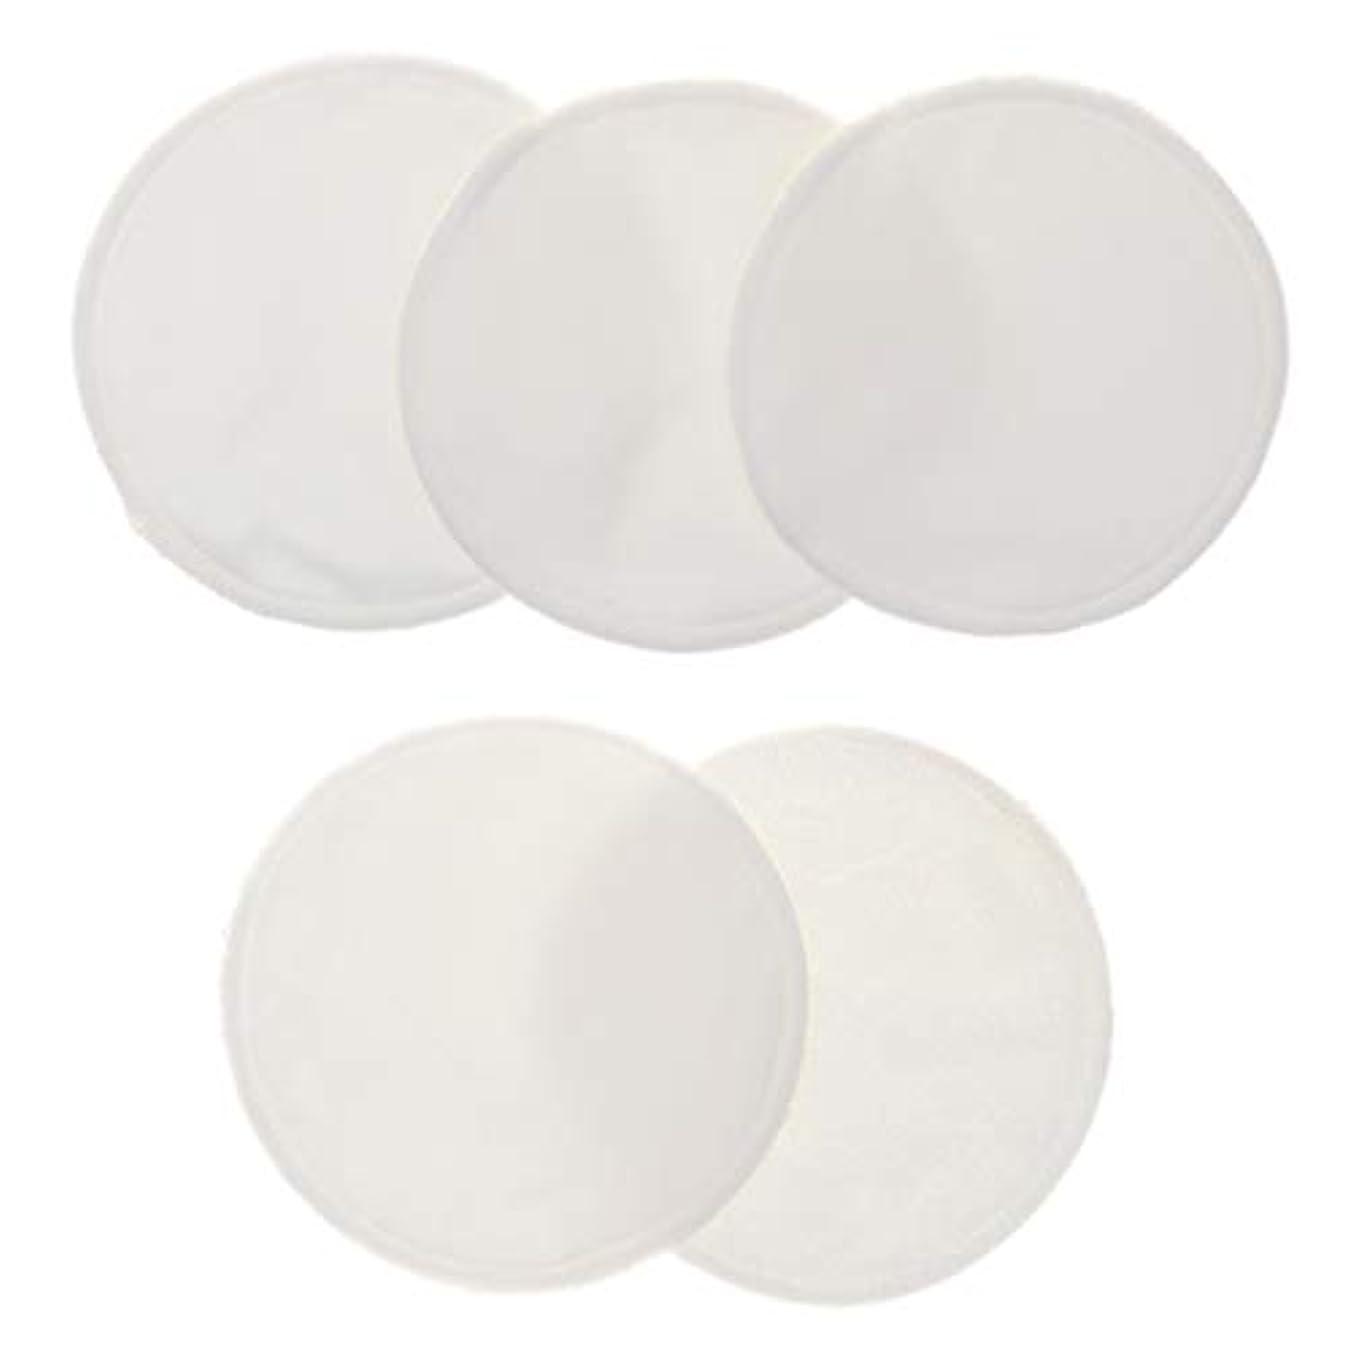 吸収くぼみ疑い者CUTICATE 5個 クレンジングシート 胸パッド 化粧用 竹繊維 円形 12cm 洗える 再使用可能 耐久性 全5色 - 白